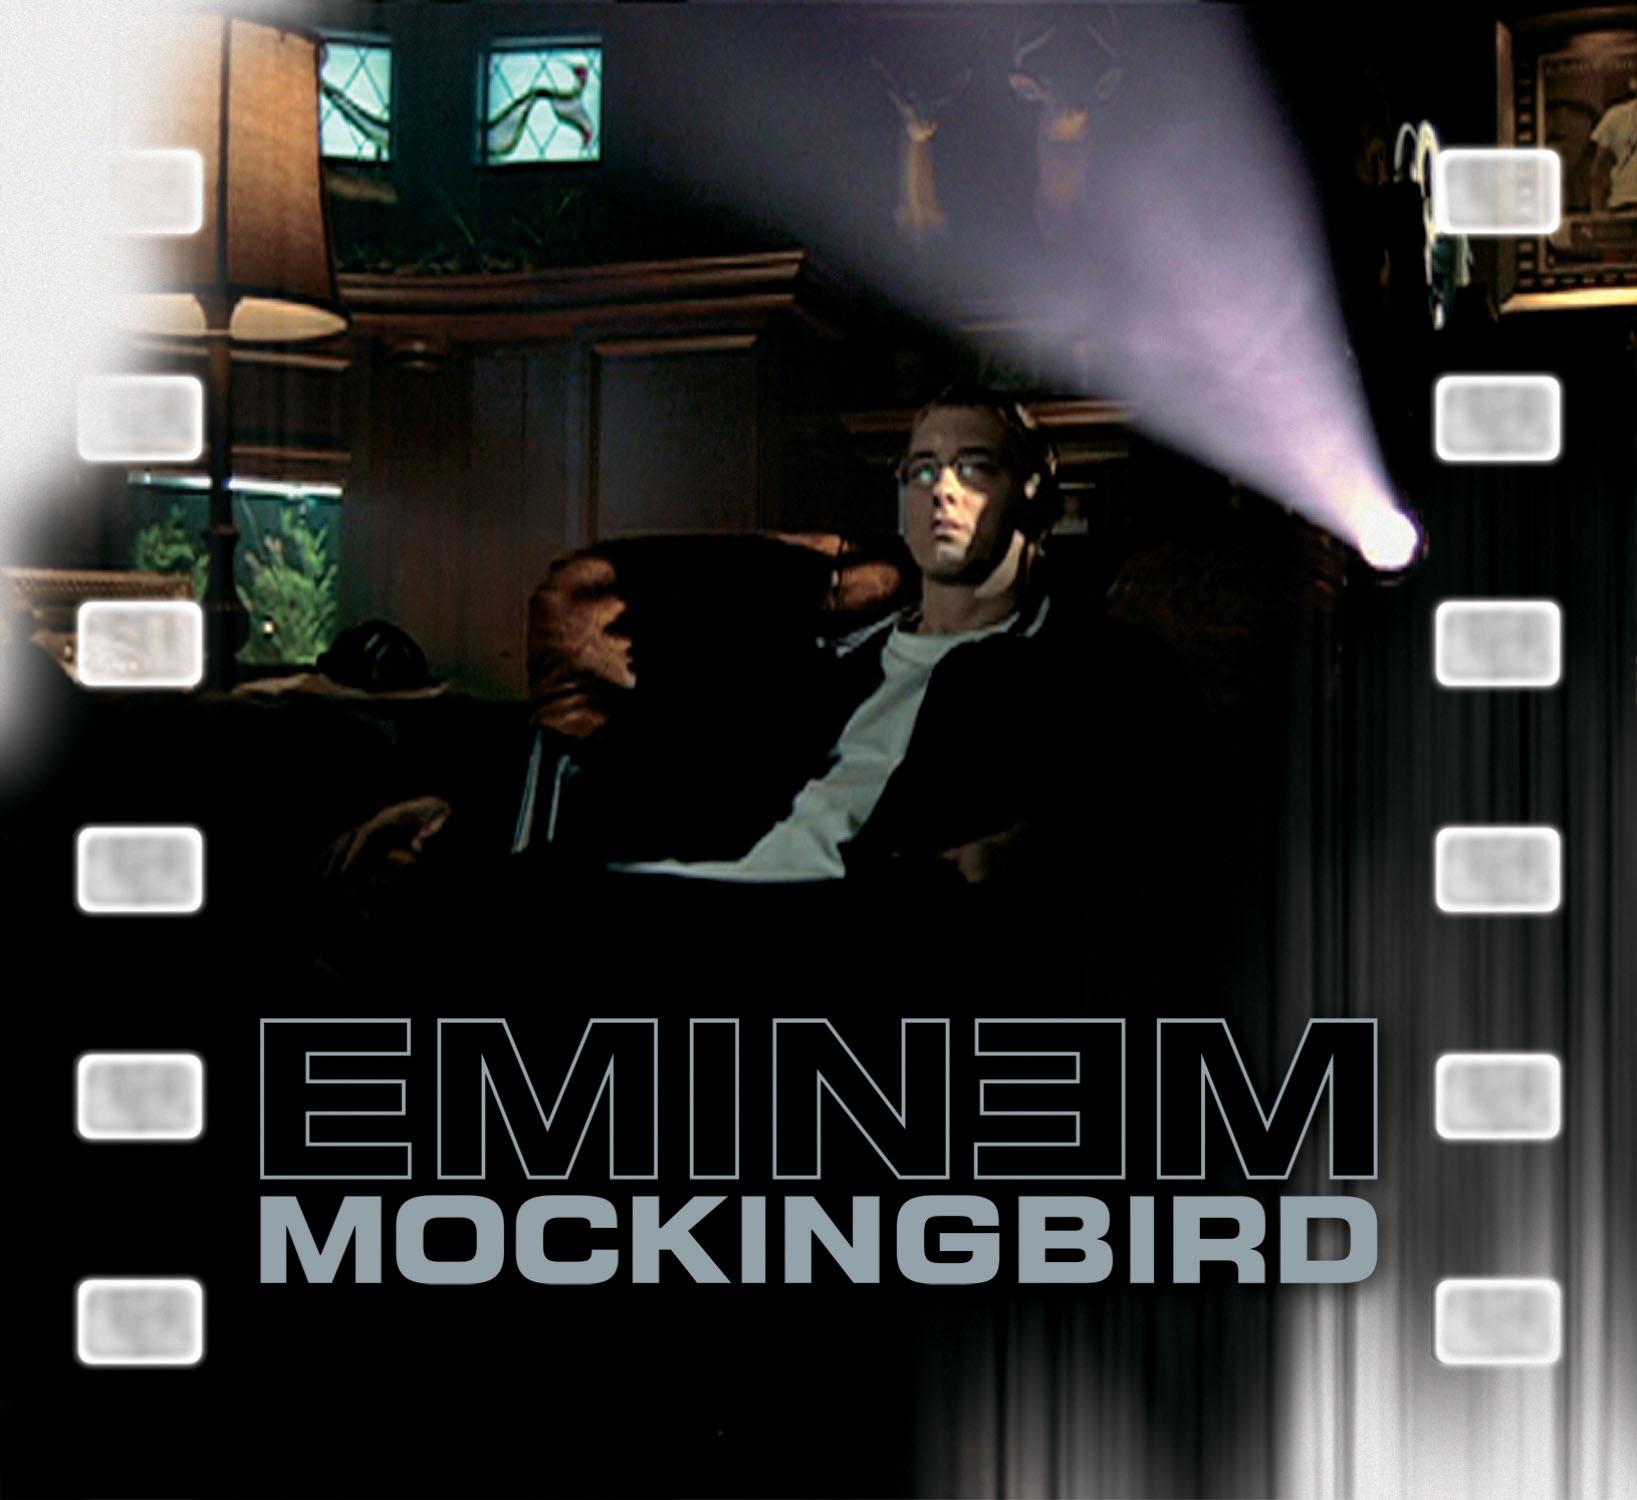 mockingbird eminem The marshall mathers lp2 (deluxe ex) lyrics depot is your source of lyrics to  mockingbird by eminem please check back for more eminem lyrics.